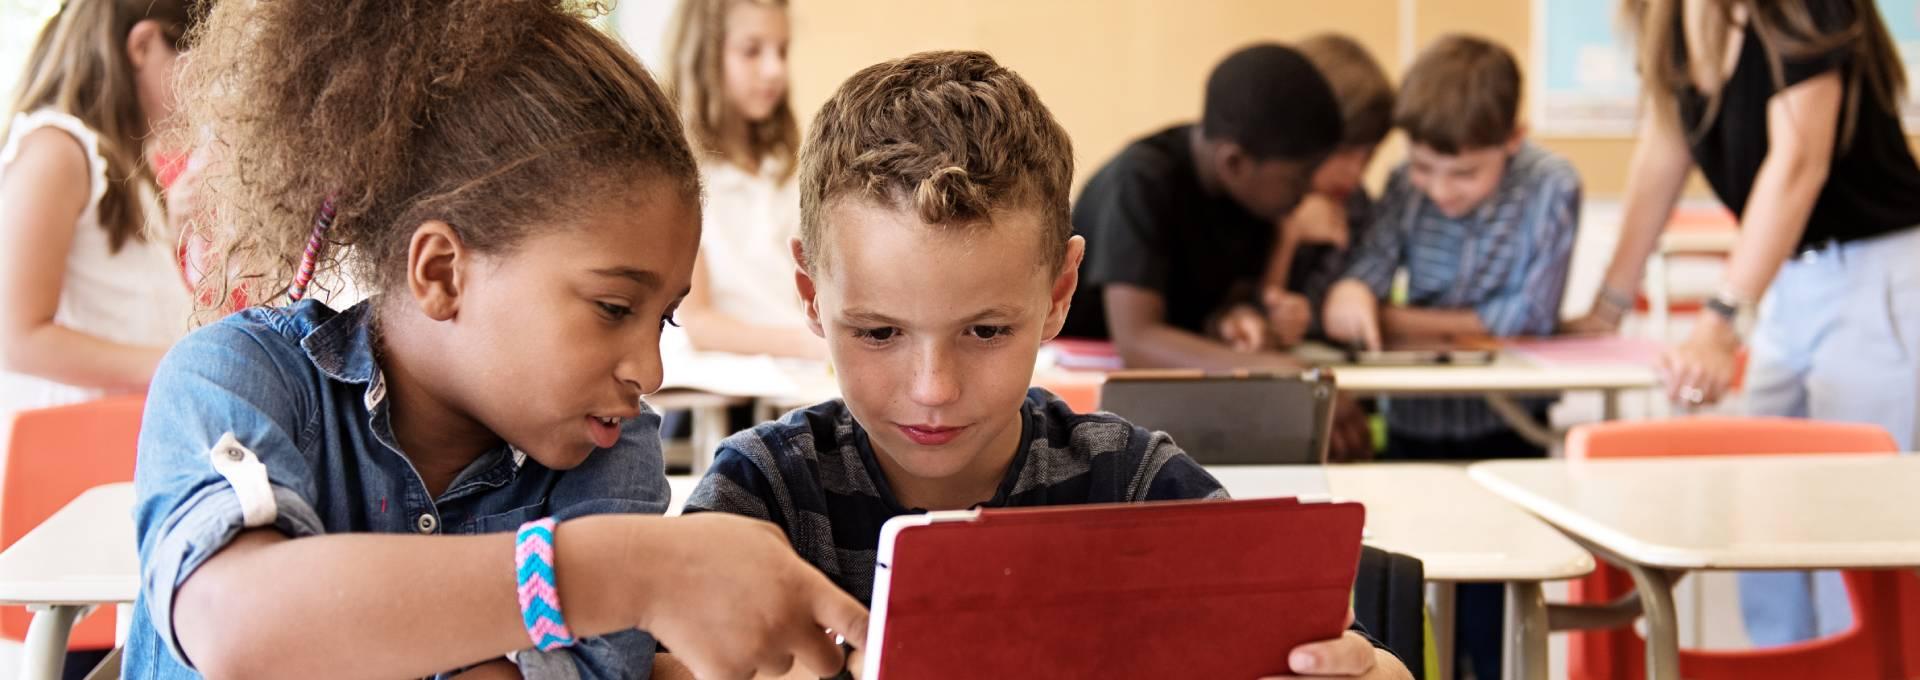 Kinder lernen selbständig zu arbeiten und zu interagieren dank der iPads in der Schule.